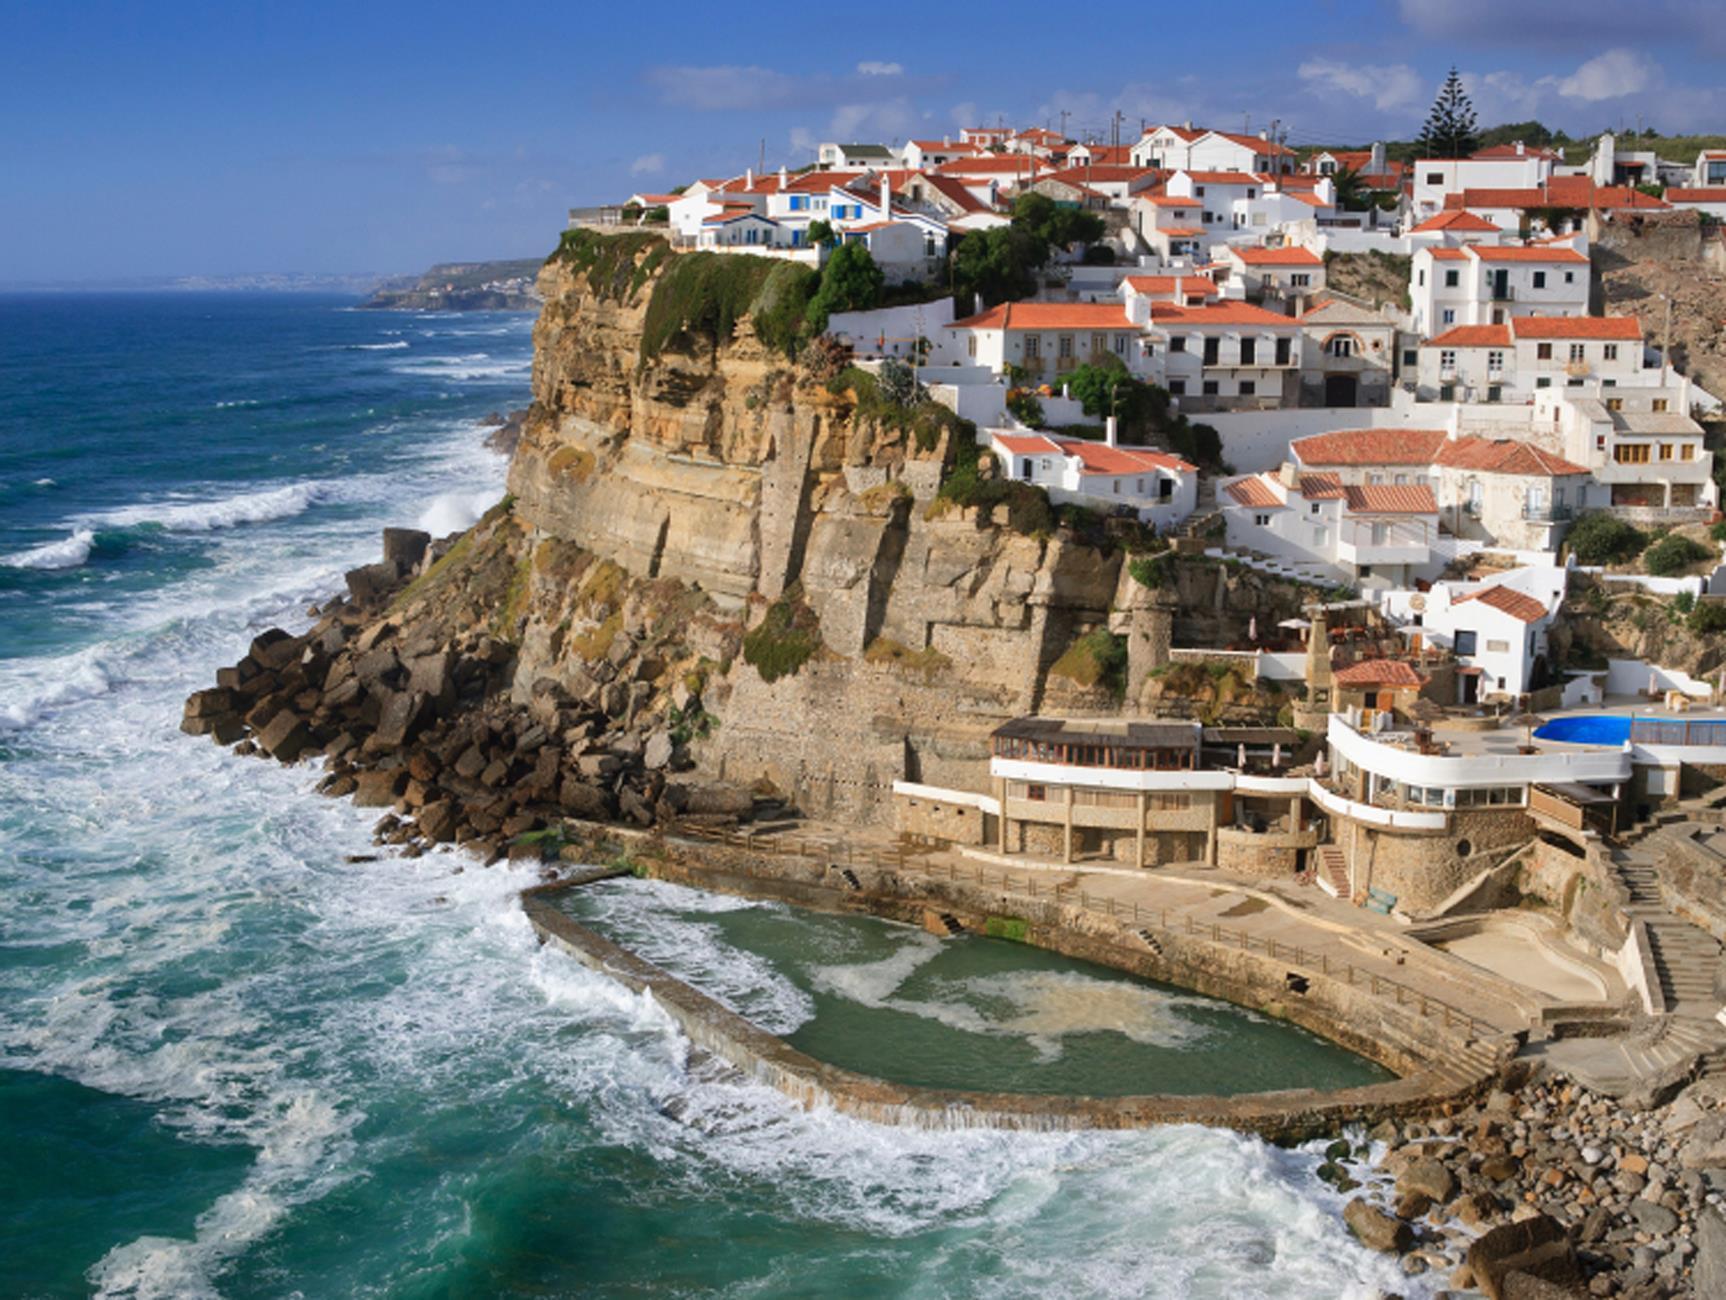 A seaside village in Portugal